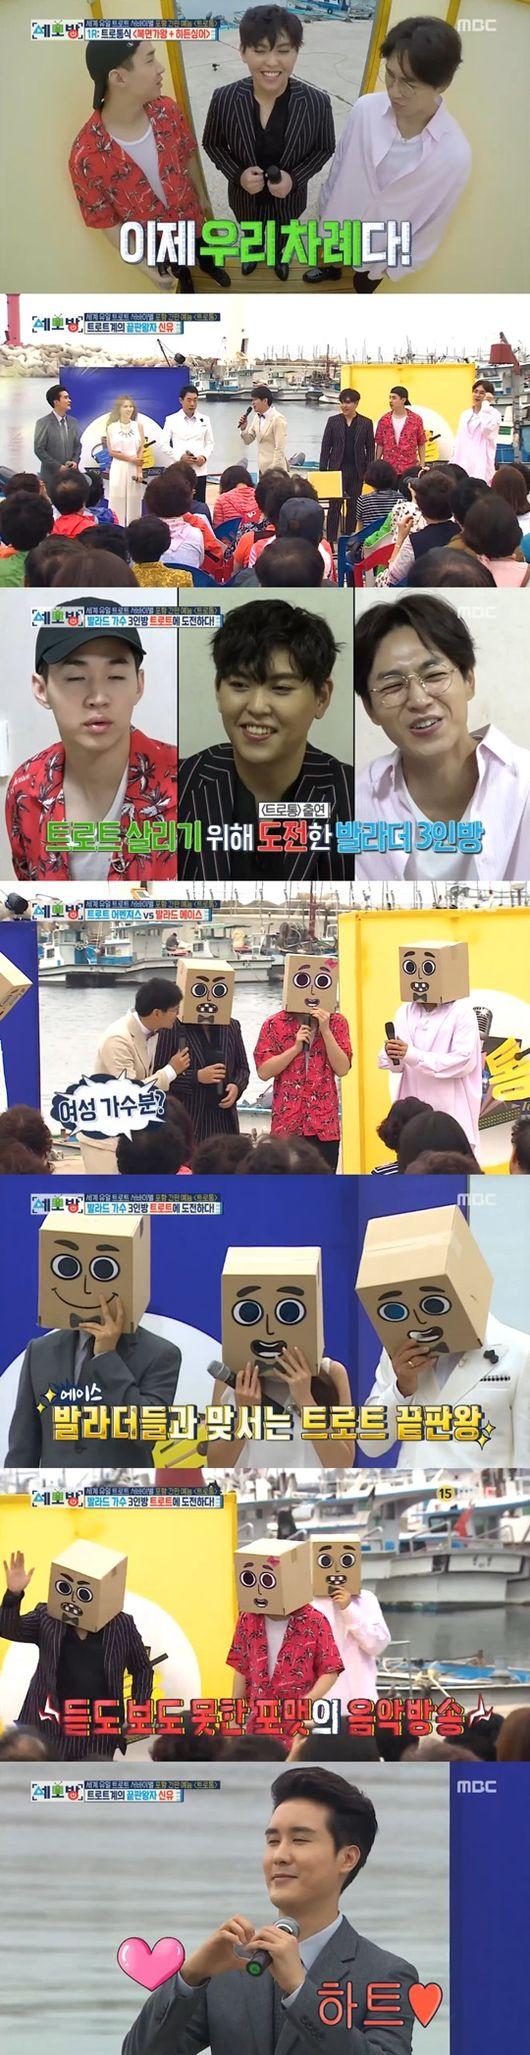 `세모방`, MBC 총파업으로 이석훈X헨리X한동근 편 재방송 [종합]